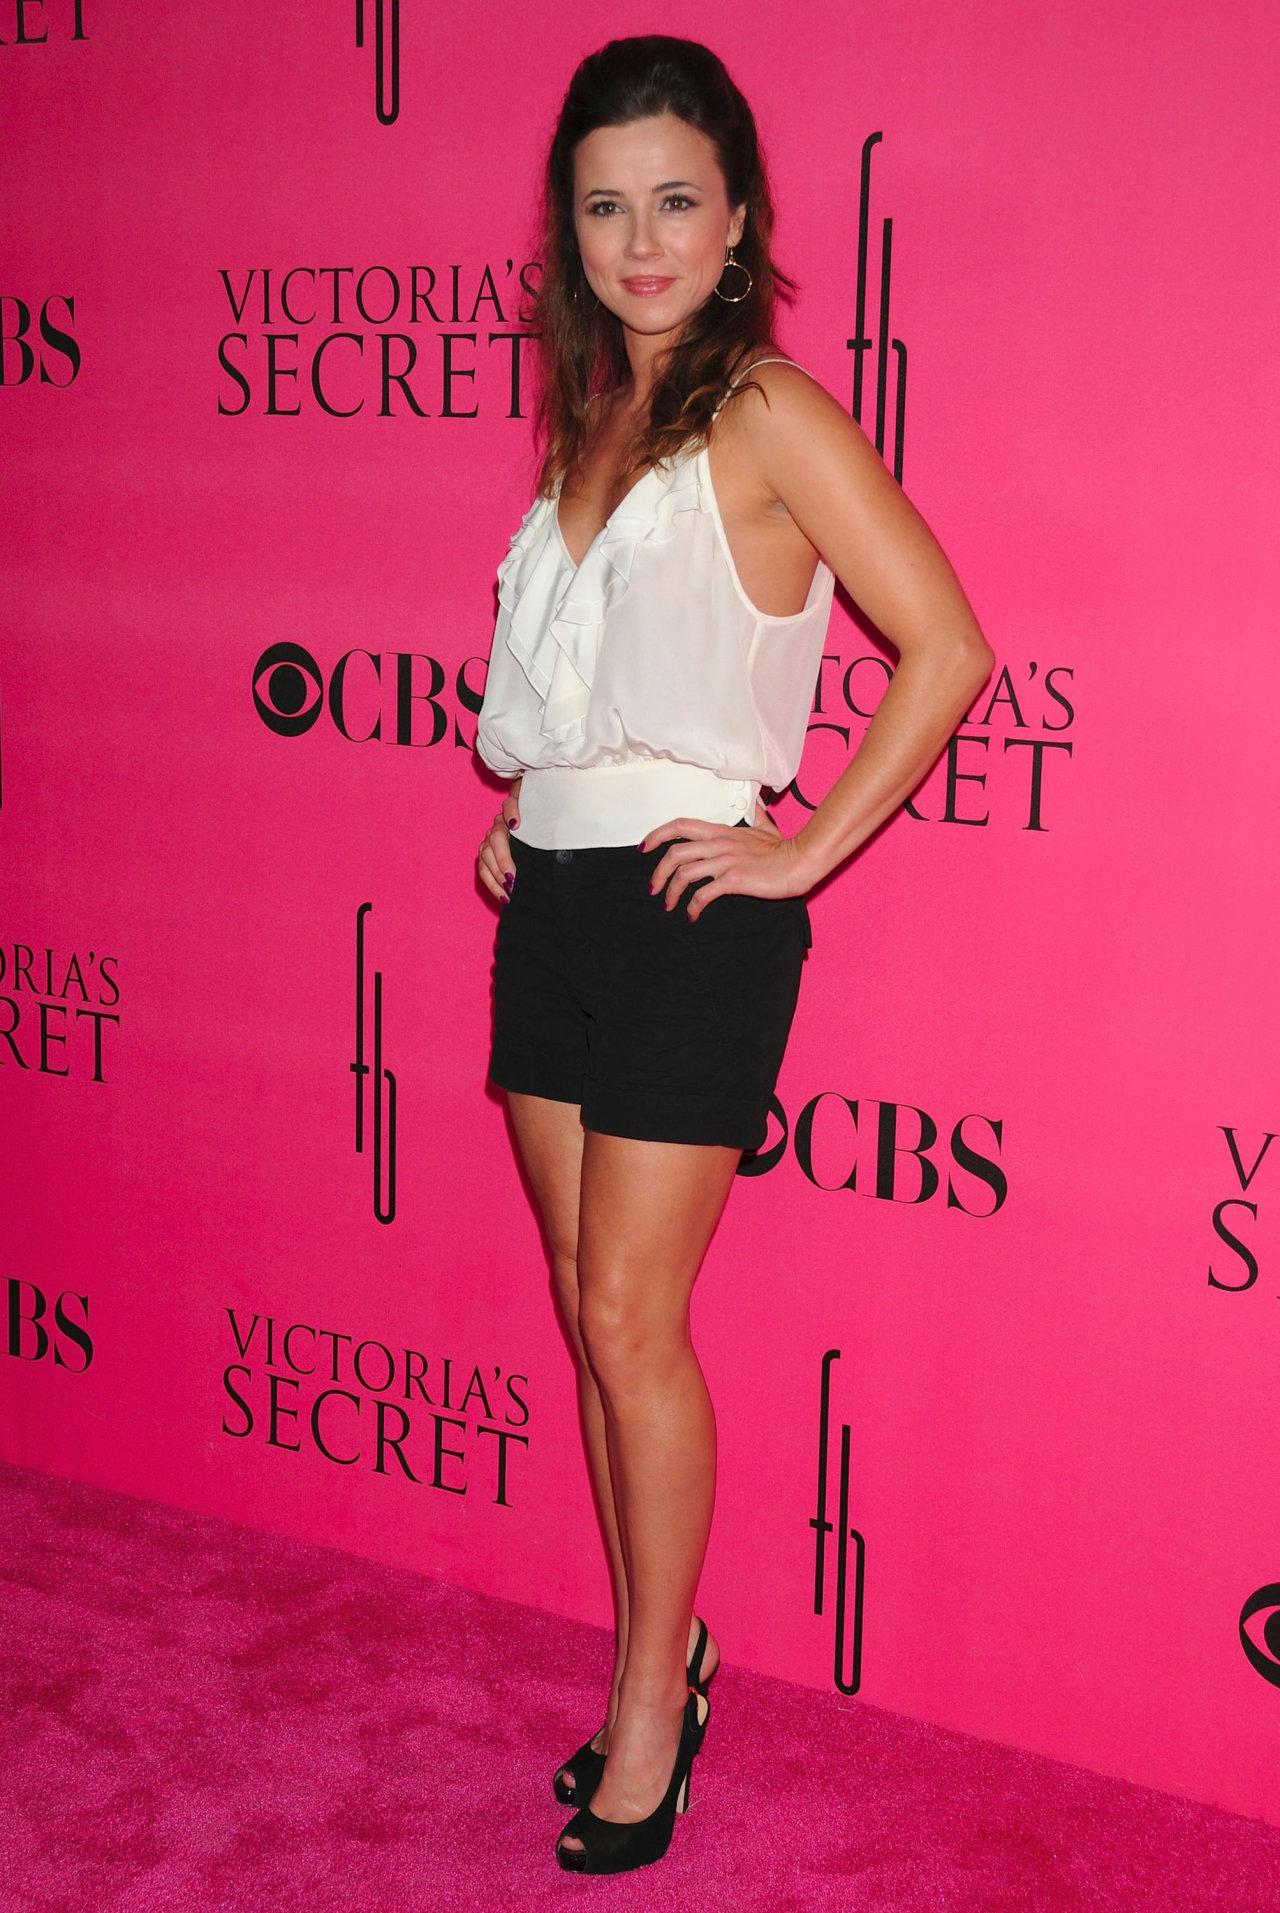 Linda Cardellini at the CBS & Victoria's Secret Party